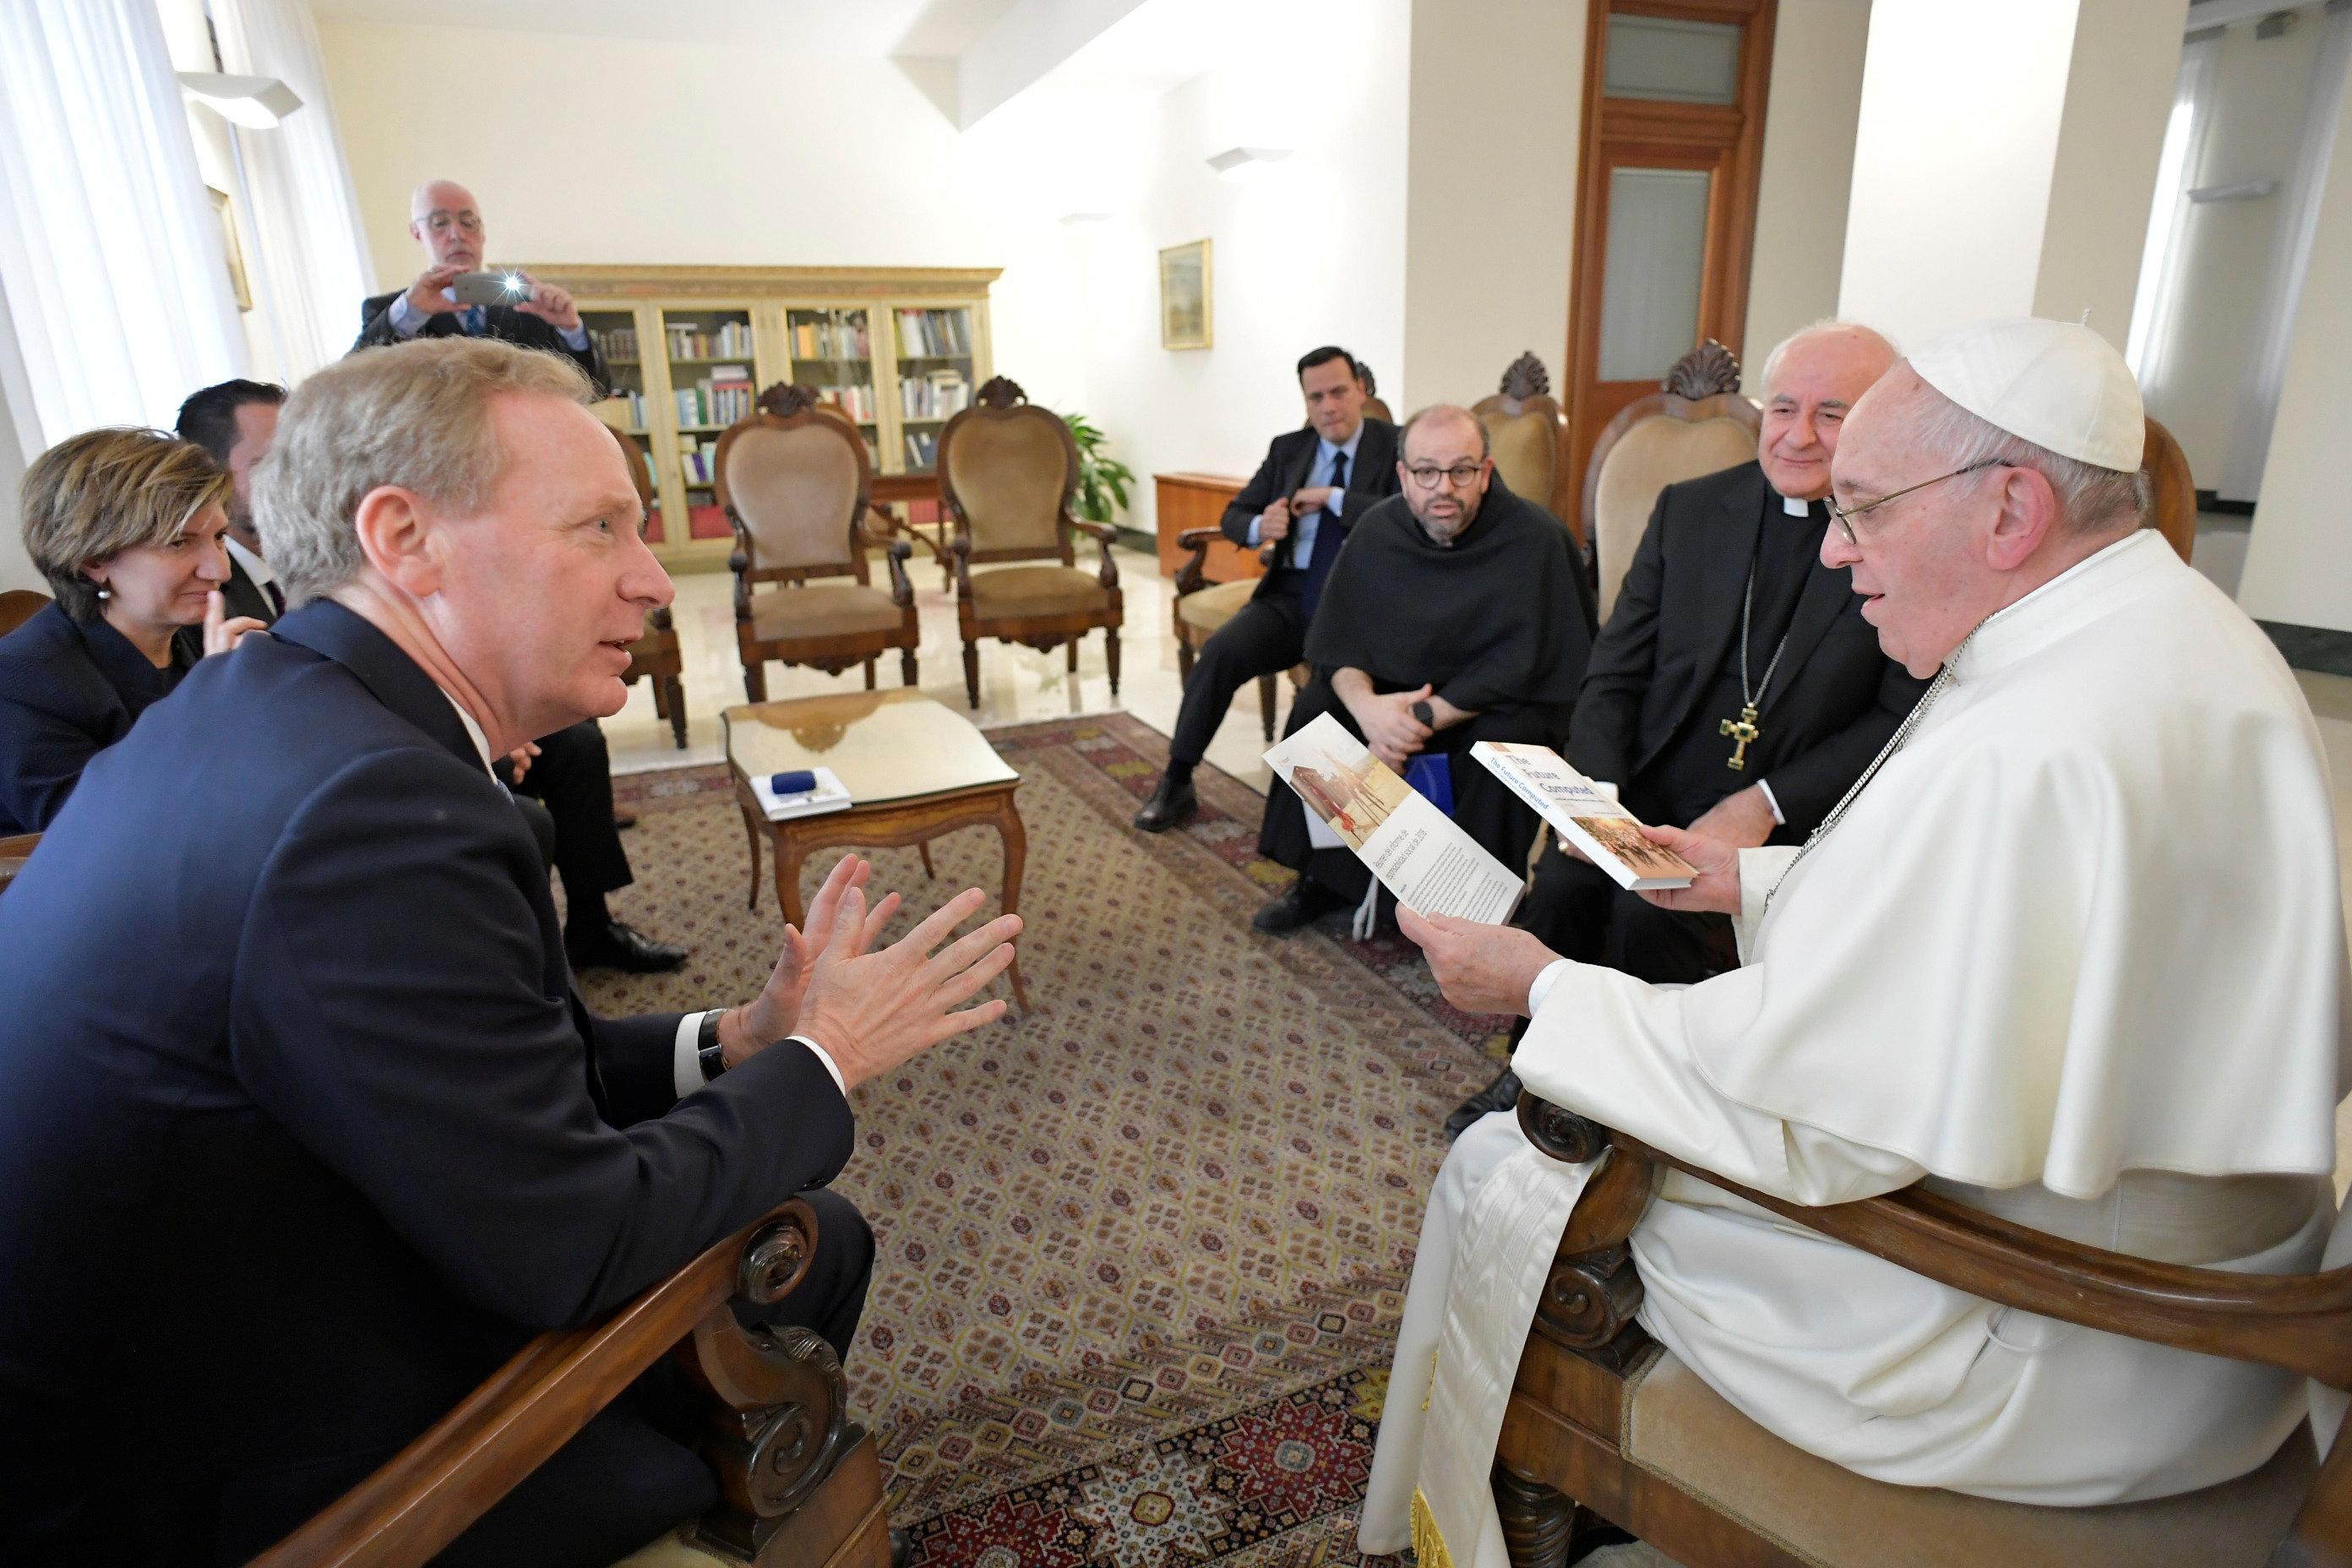 Συζήτηση Πάπα Φραγκίσκου με το αφεντικό της Microsoft για την τεχνητή